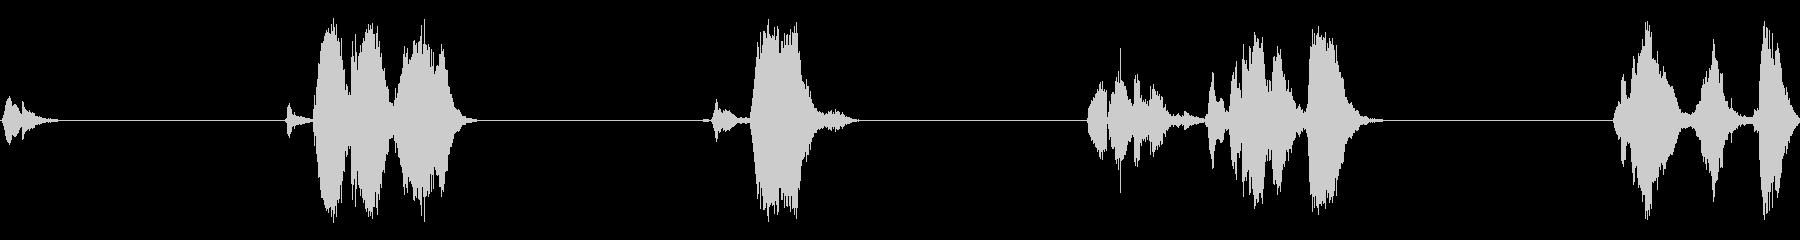 大型メタルゲートヒンジ:ライトスキ...の未再生の波形